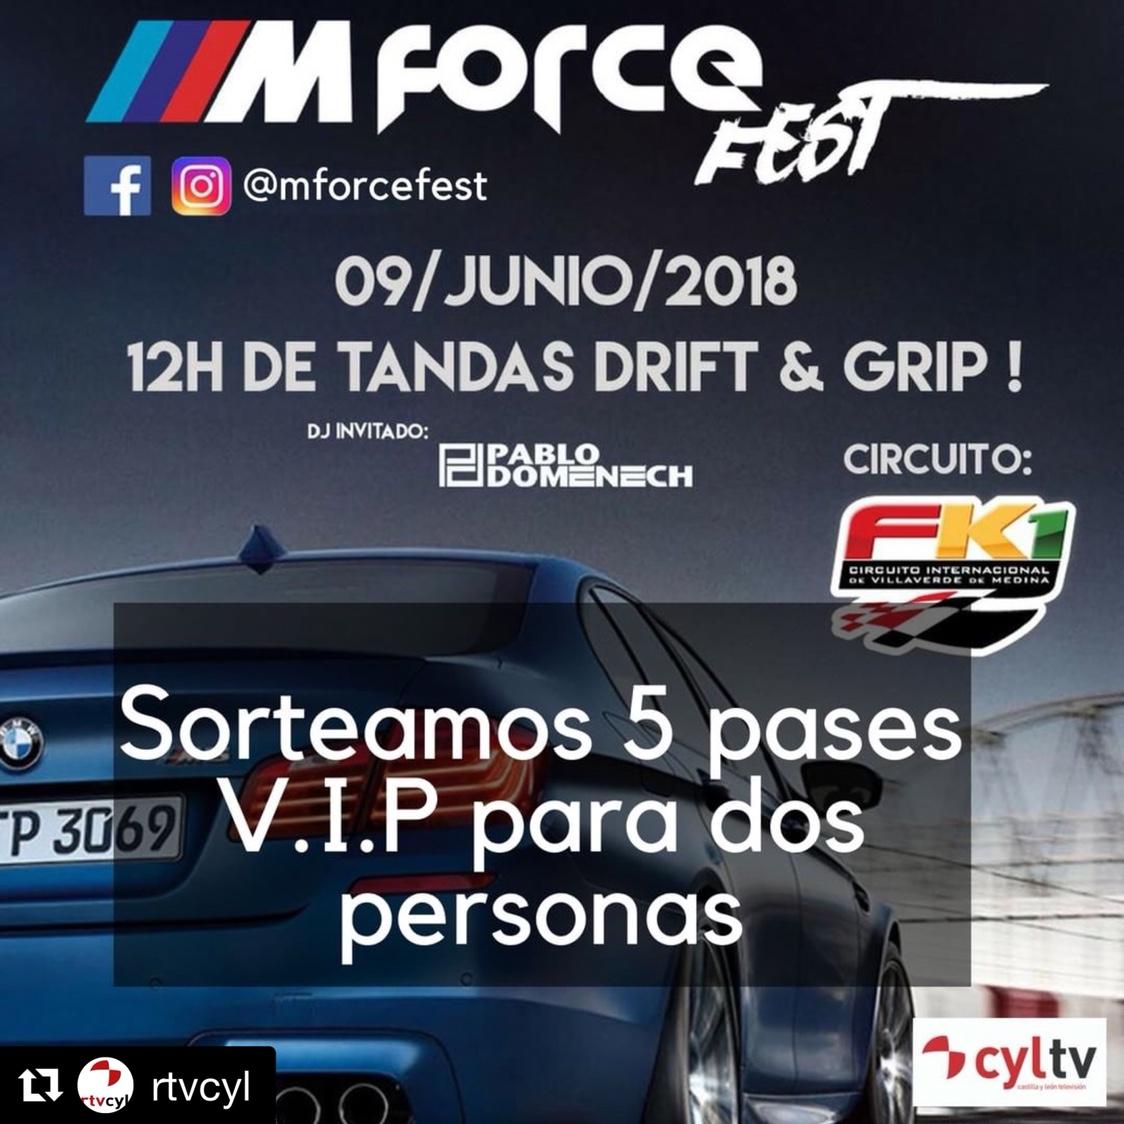 Circuito Fk1 : Noticia m force fest 2018@ fk1 villaverde de medina bmw faq club